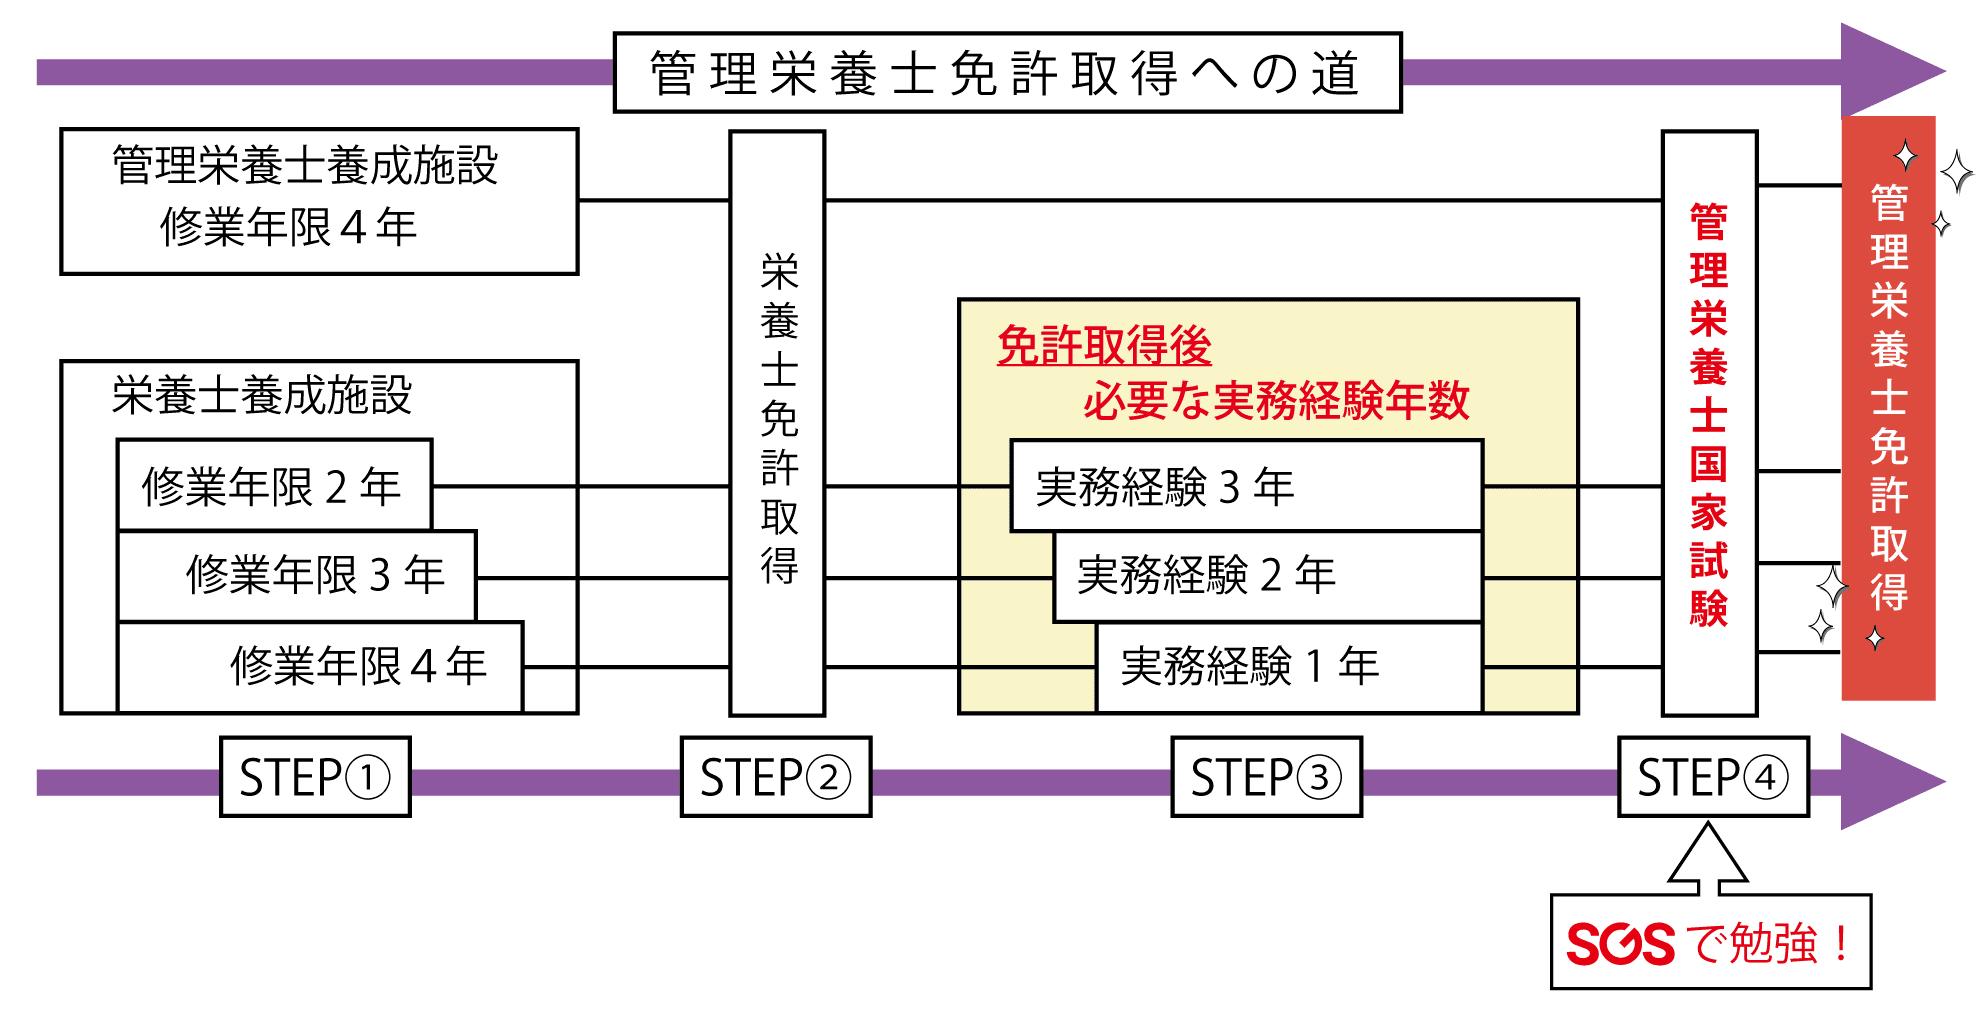 受験資格の構図